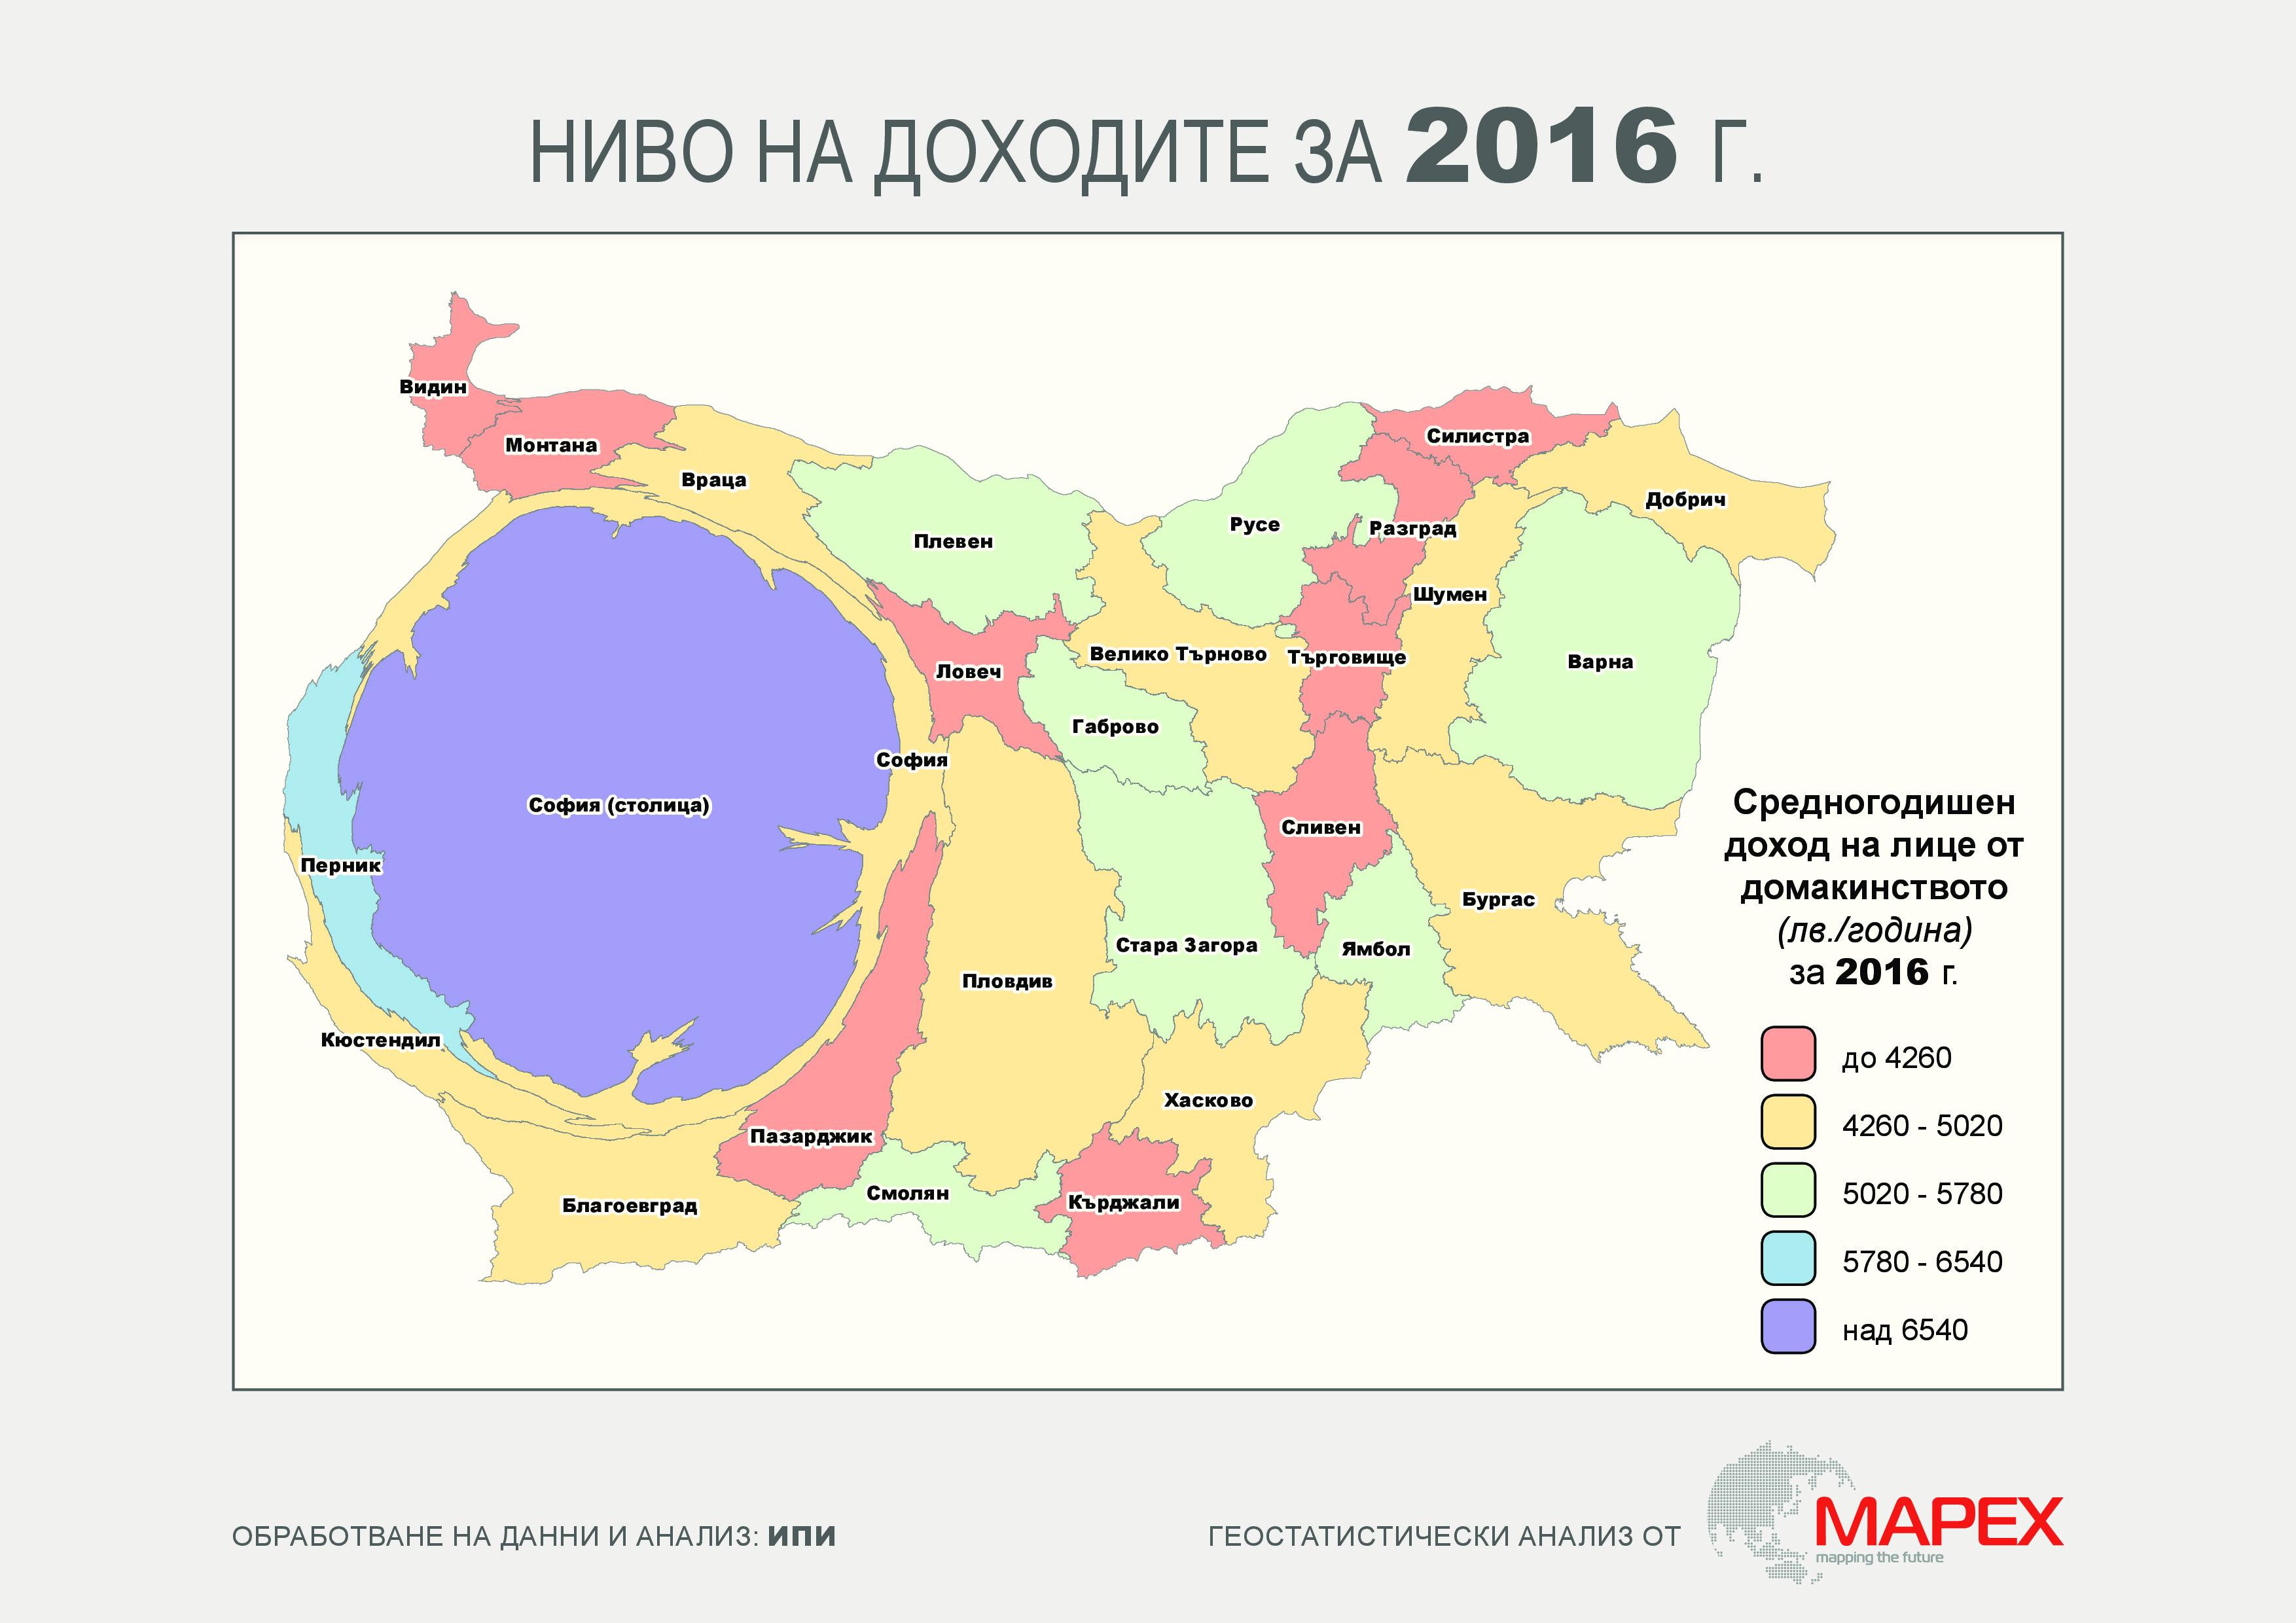 Ниво на доходите в България през 2016 г. по области. Източник: ИПИ, Мапекс